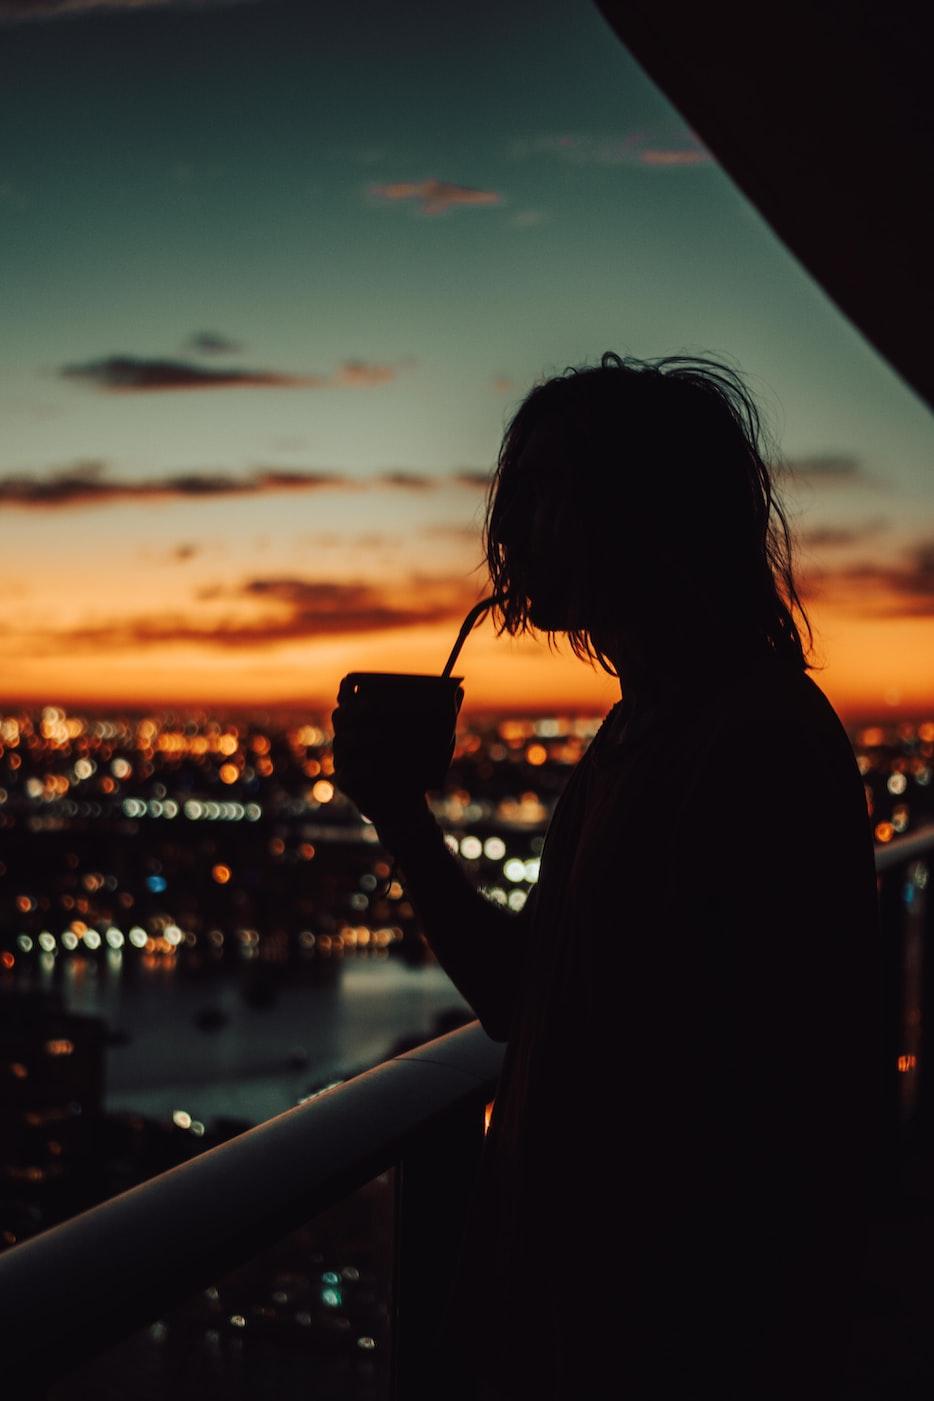 Mensch trinkt Mate Tee vor einer abendlichen Skyline